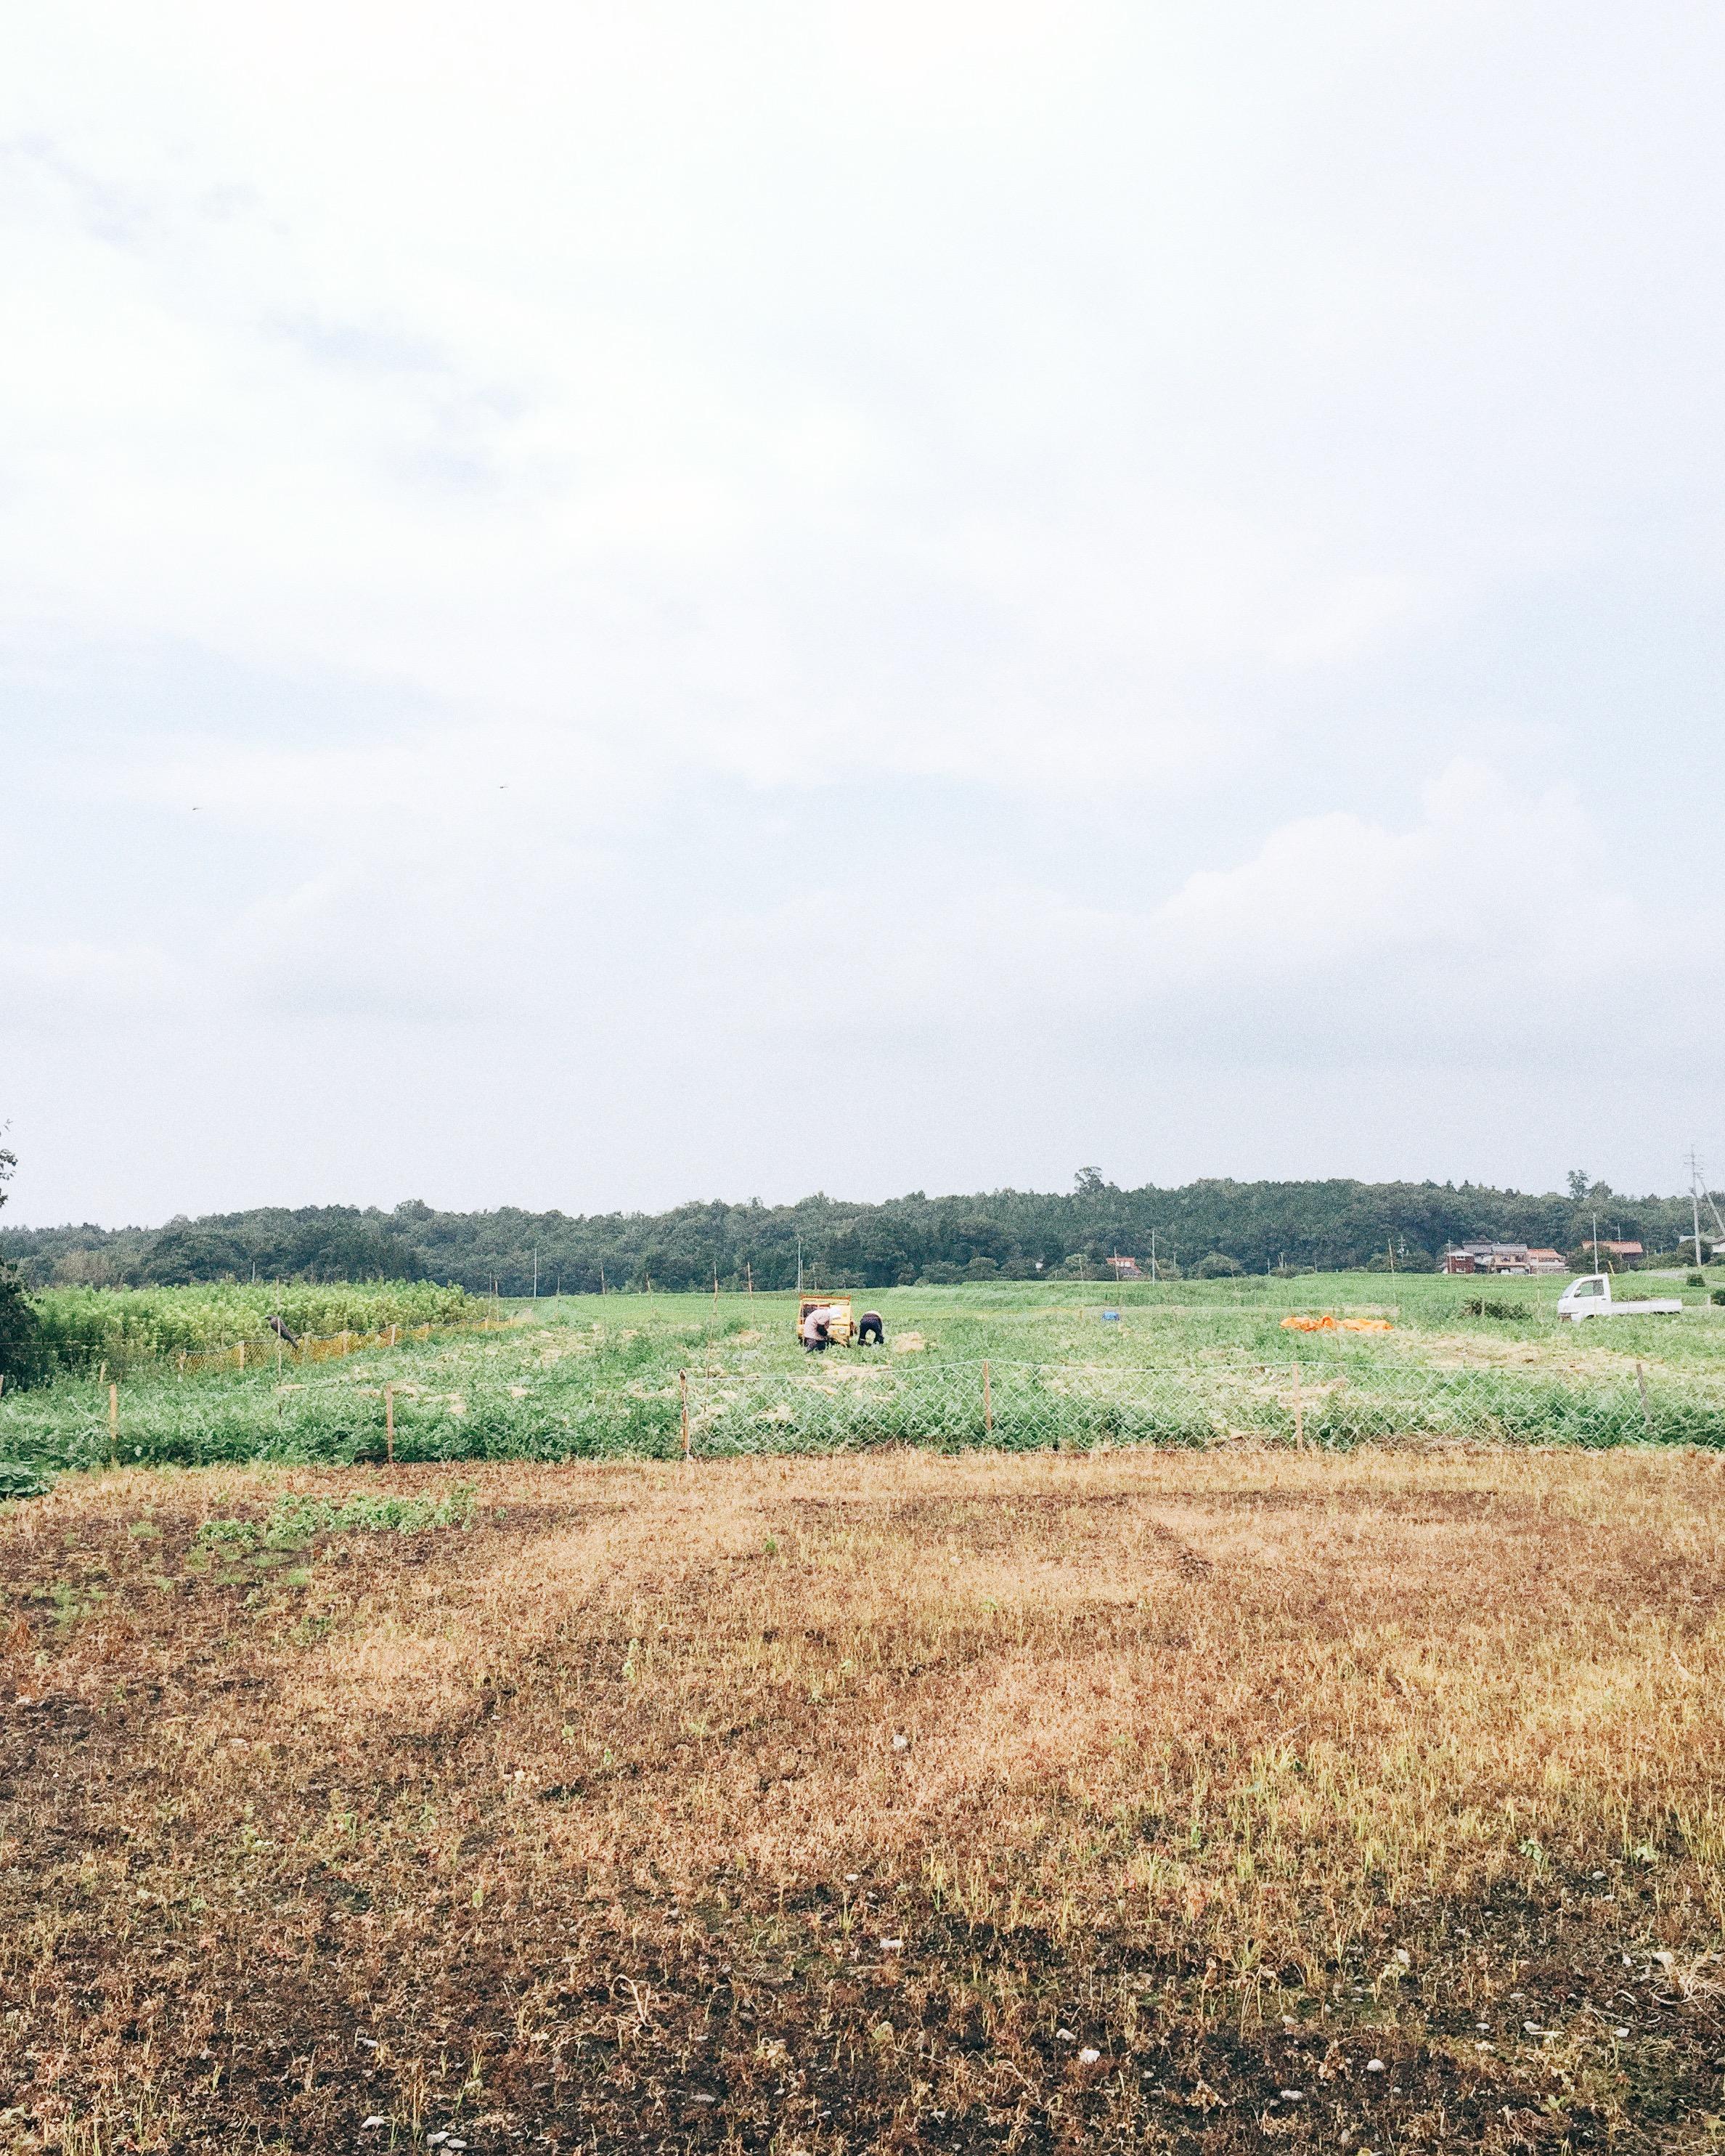 Somewhere in Yonago, Summer 2015.